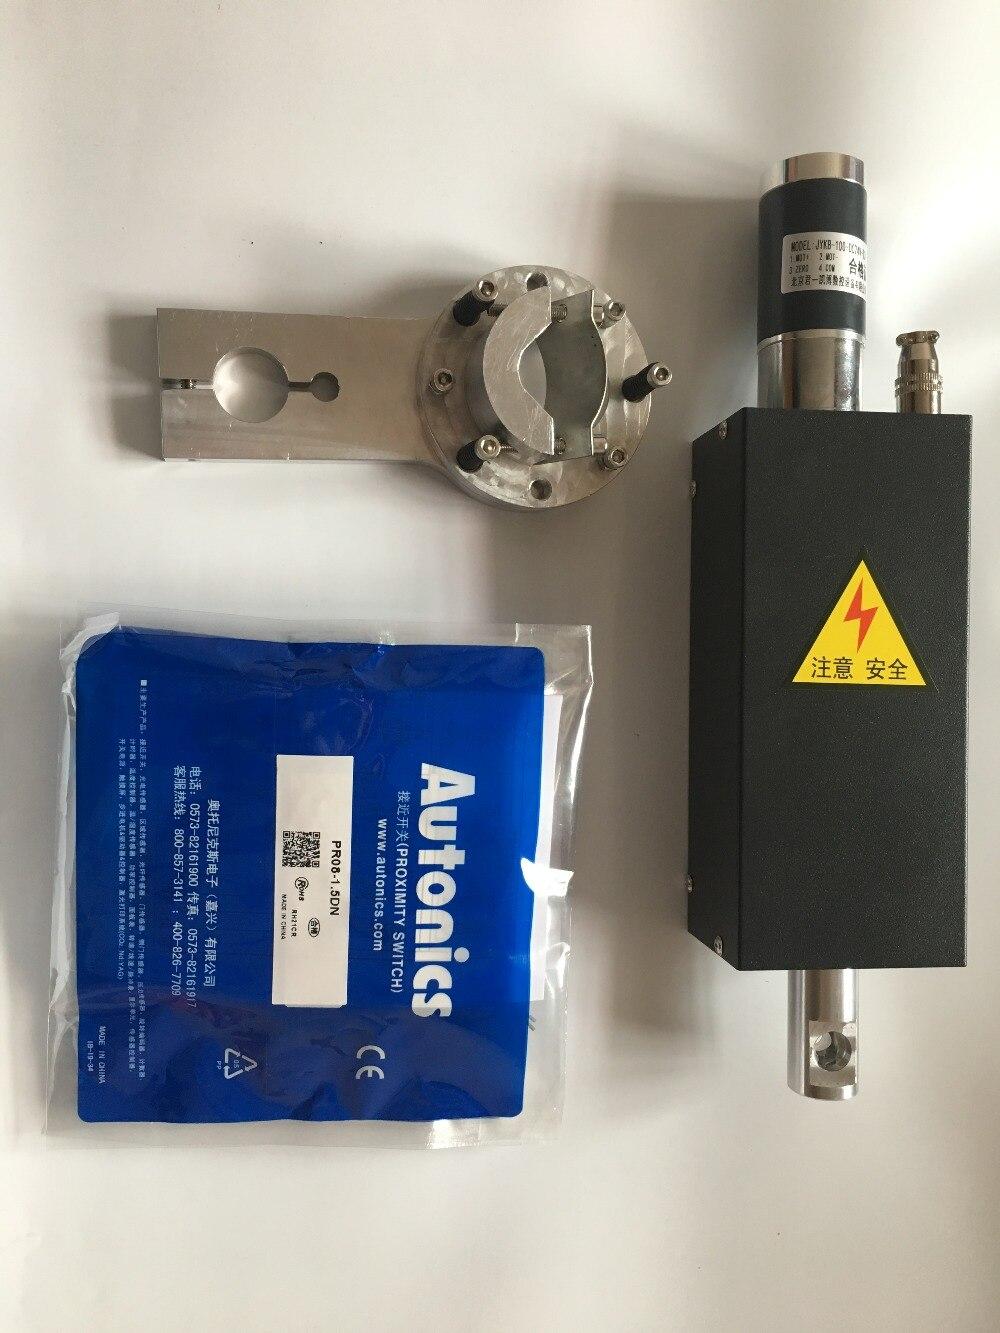 CNC de THC dans le Plasma Coupe Contrôleur De Hauteur De Torche THC Lifter et Support Z Axe deux détecteurs de proximité